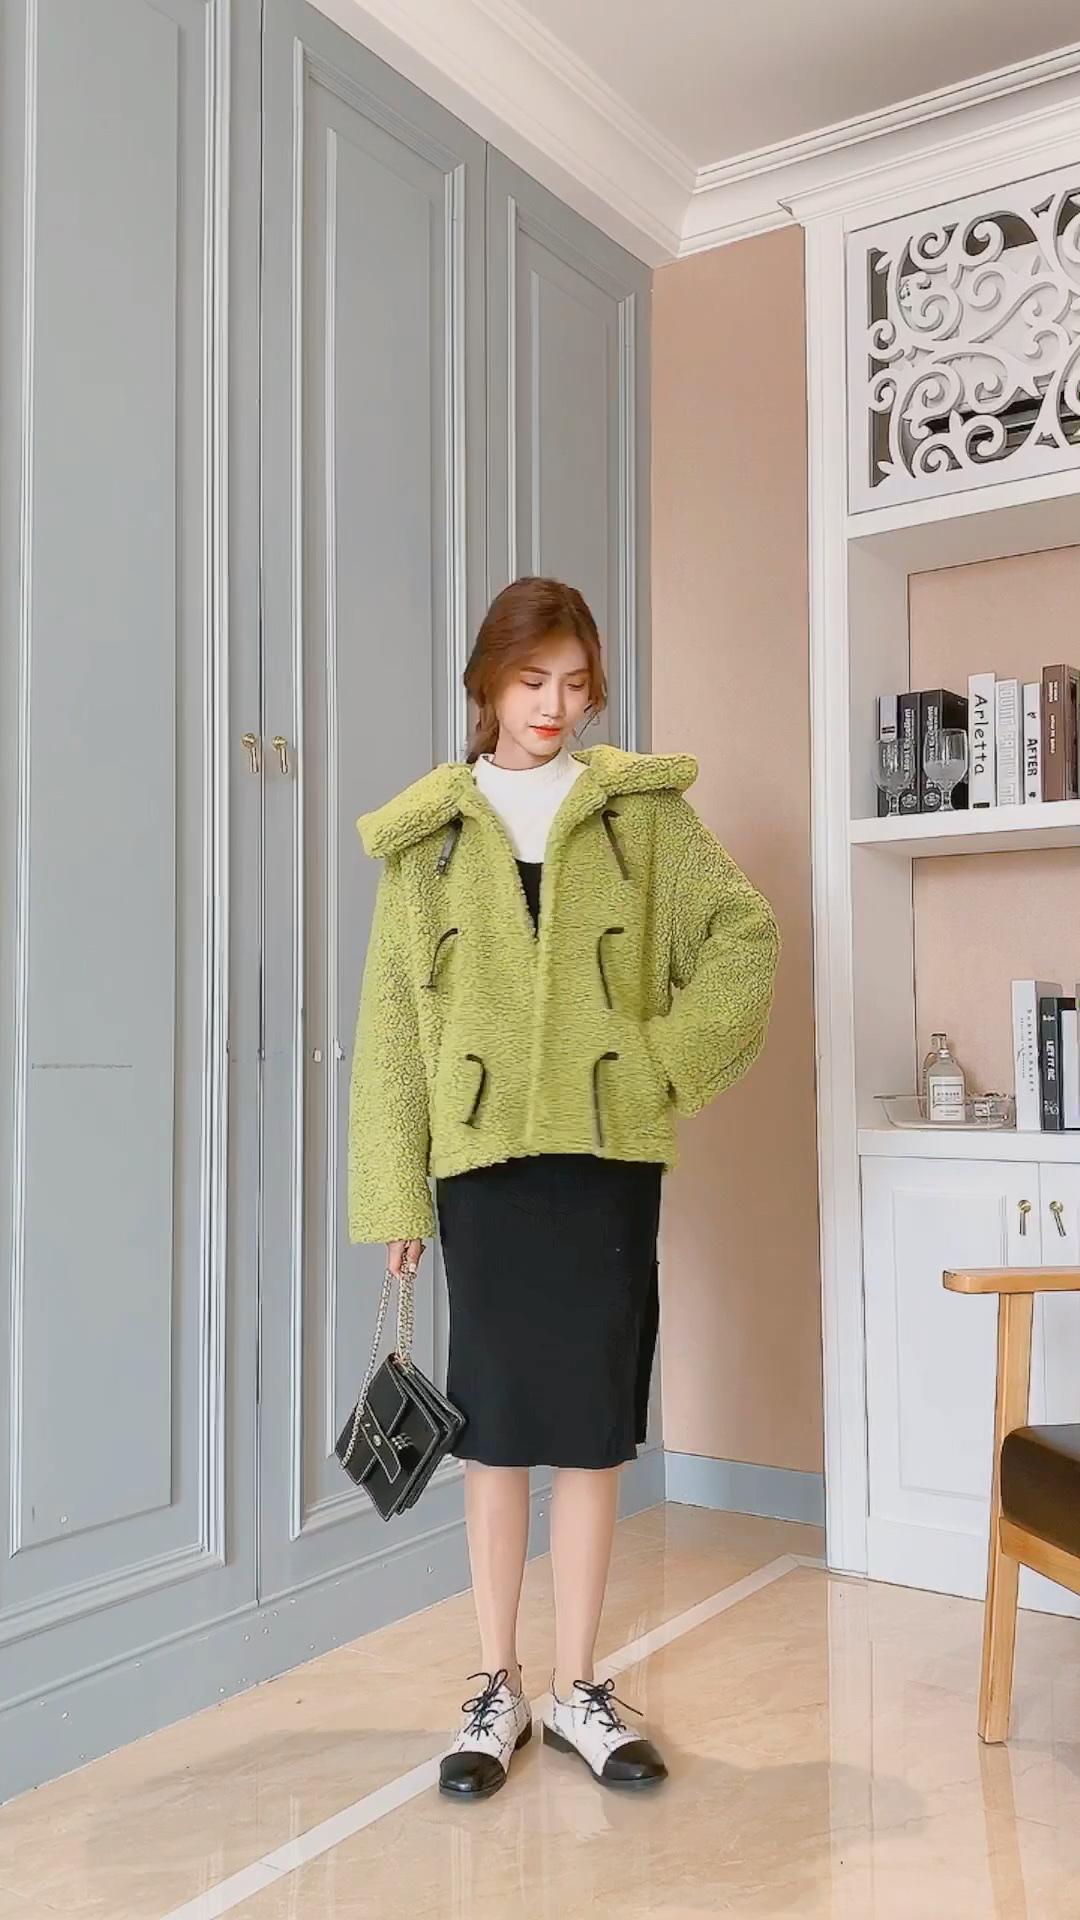 #厚外套+裙子=秋冬保暖cp# 安利一件非常保暖的羊羔毛外套 芥末绿色看起来非常显白小清新的,很减龄 内搭一件非常好看的连衣裙,看起来非常网红时尚,性价比也是很高哦 其他的还没有上新哦,也是非常网红的新款 喜欢的宝宝可以加关注的哦~🥰🥰